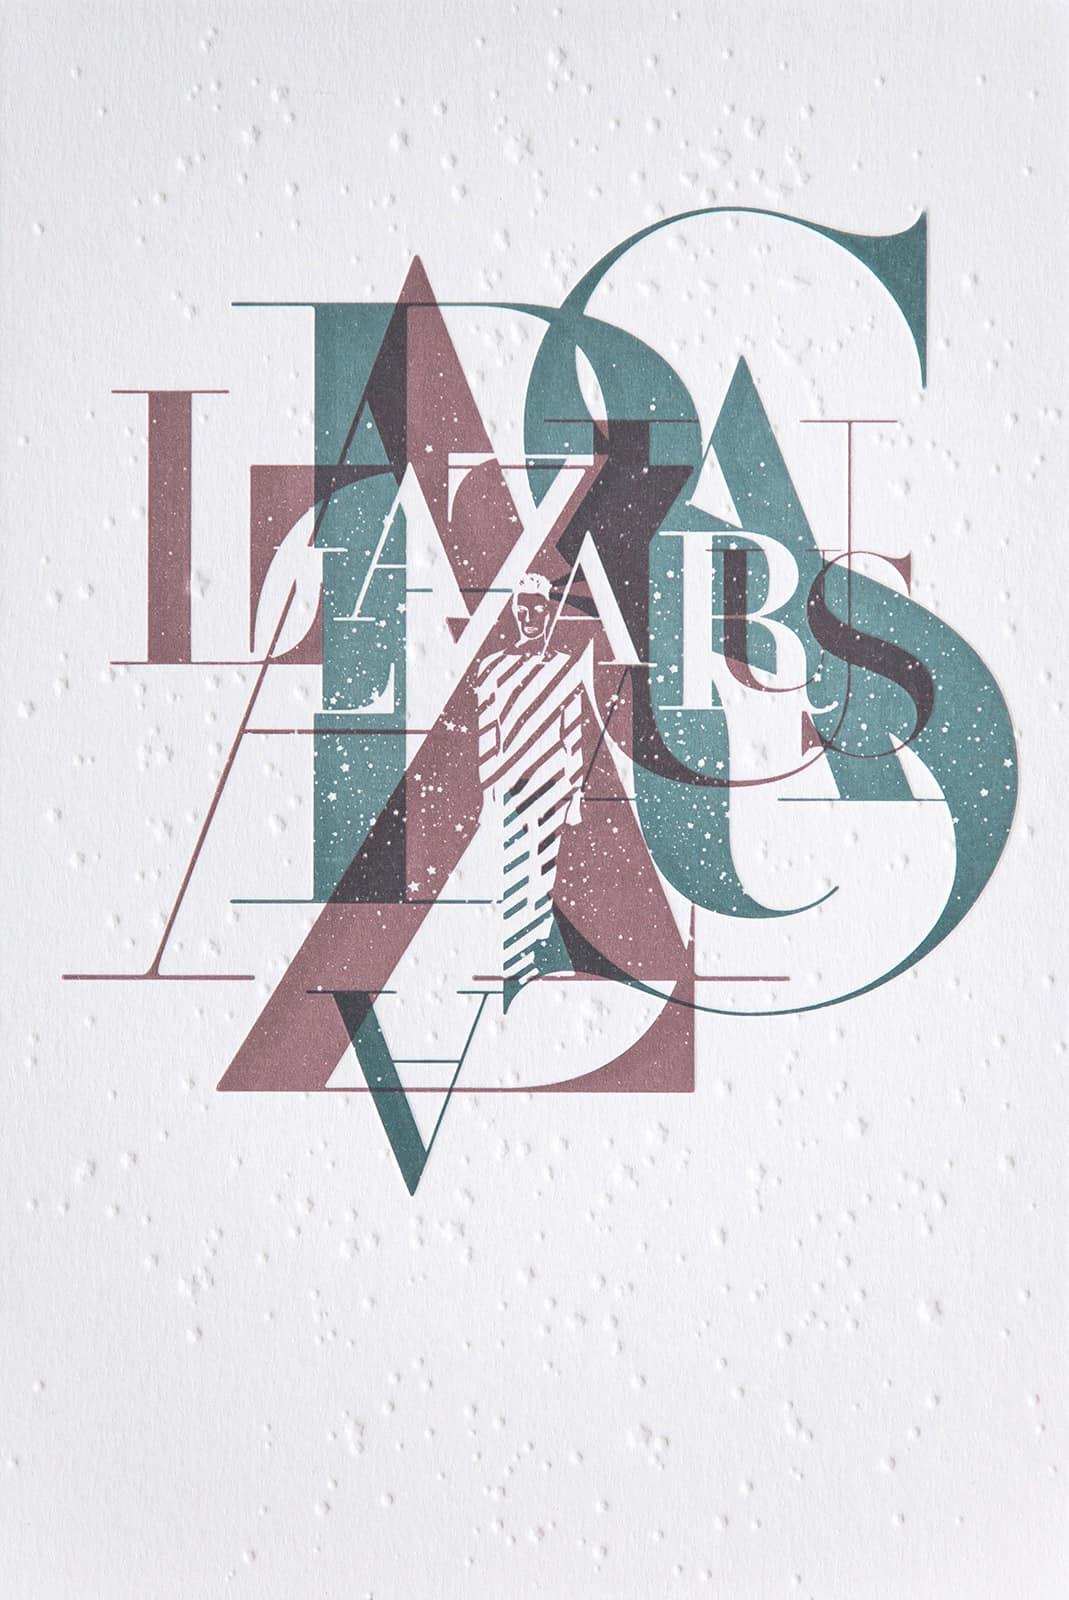 Bowie-Art-Print-Letterpress-lazarus-0